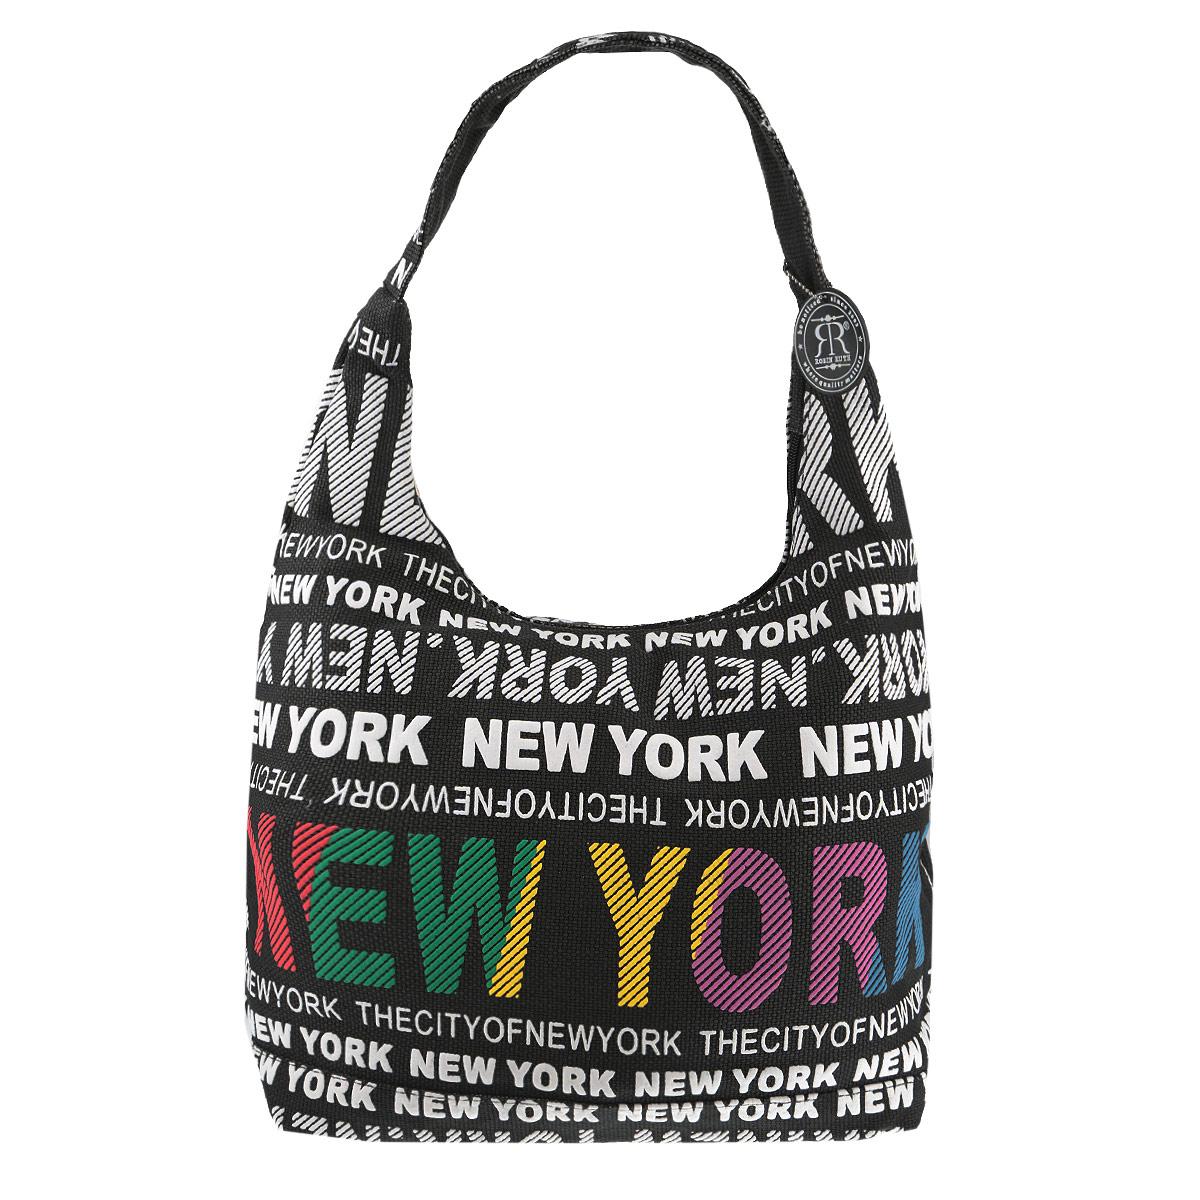 Сумка женская Robin Ruth New York, цвет: черный, белый. BNY504-XBNY504-XОригинальная женская сумка New York выполнена из канваса и дополнена ярким принтом с надписями. Изделие содержит одно основное отделение, закрывающееся на застежку-молнию. Внутри - врезной карман на молнии и накладной кармашек для телефона. Сумка оснащена практичной лямкой, которая дополнена брелоком на цепочке. Стильная сумка позволит вам подчеркнуть свою индивидуальность, и сделает ваш образ завершенным.